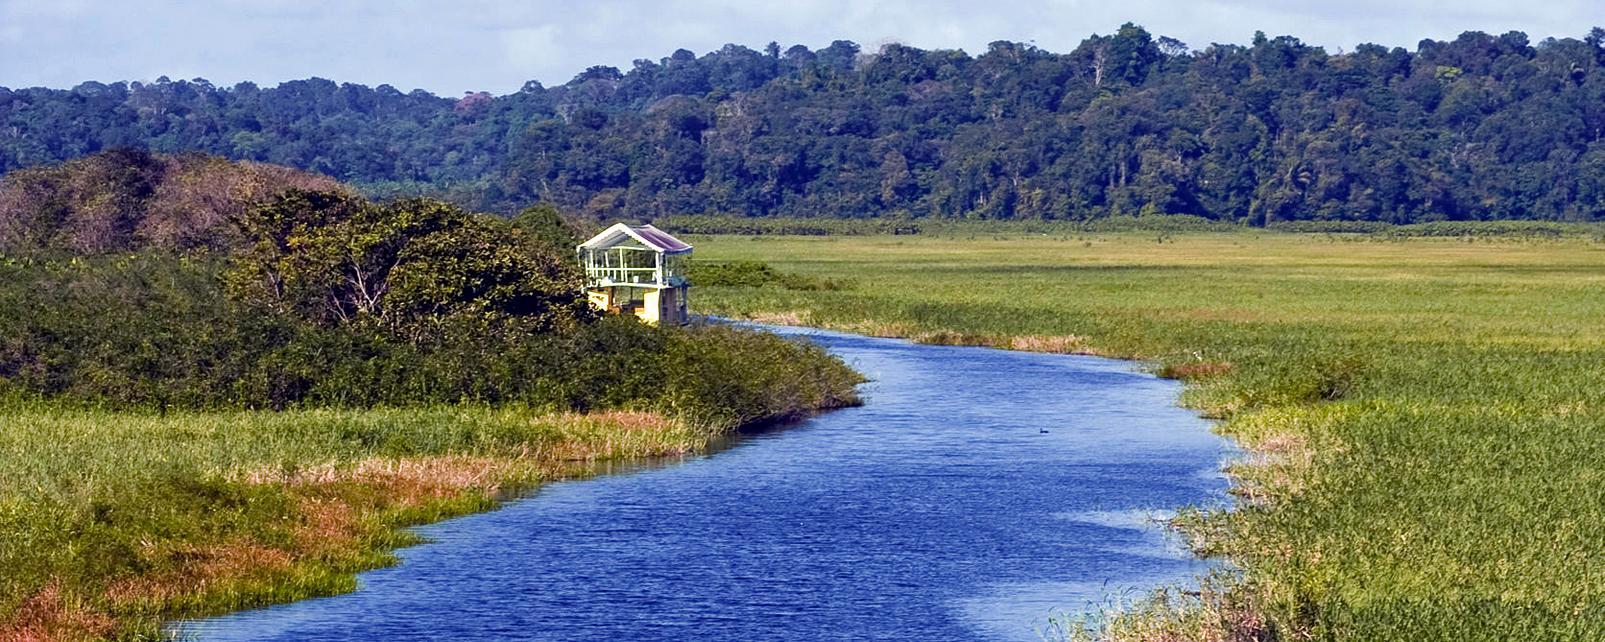 Que Faire Guyane Meilleures Attractions Touristiques